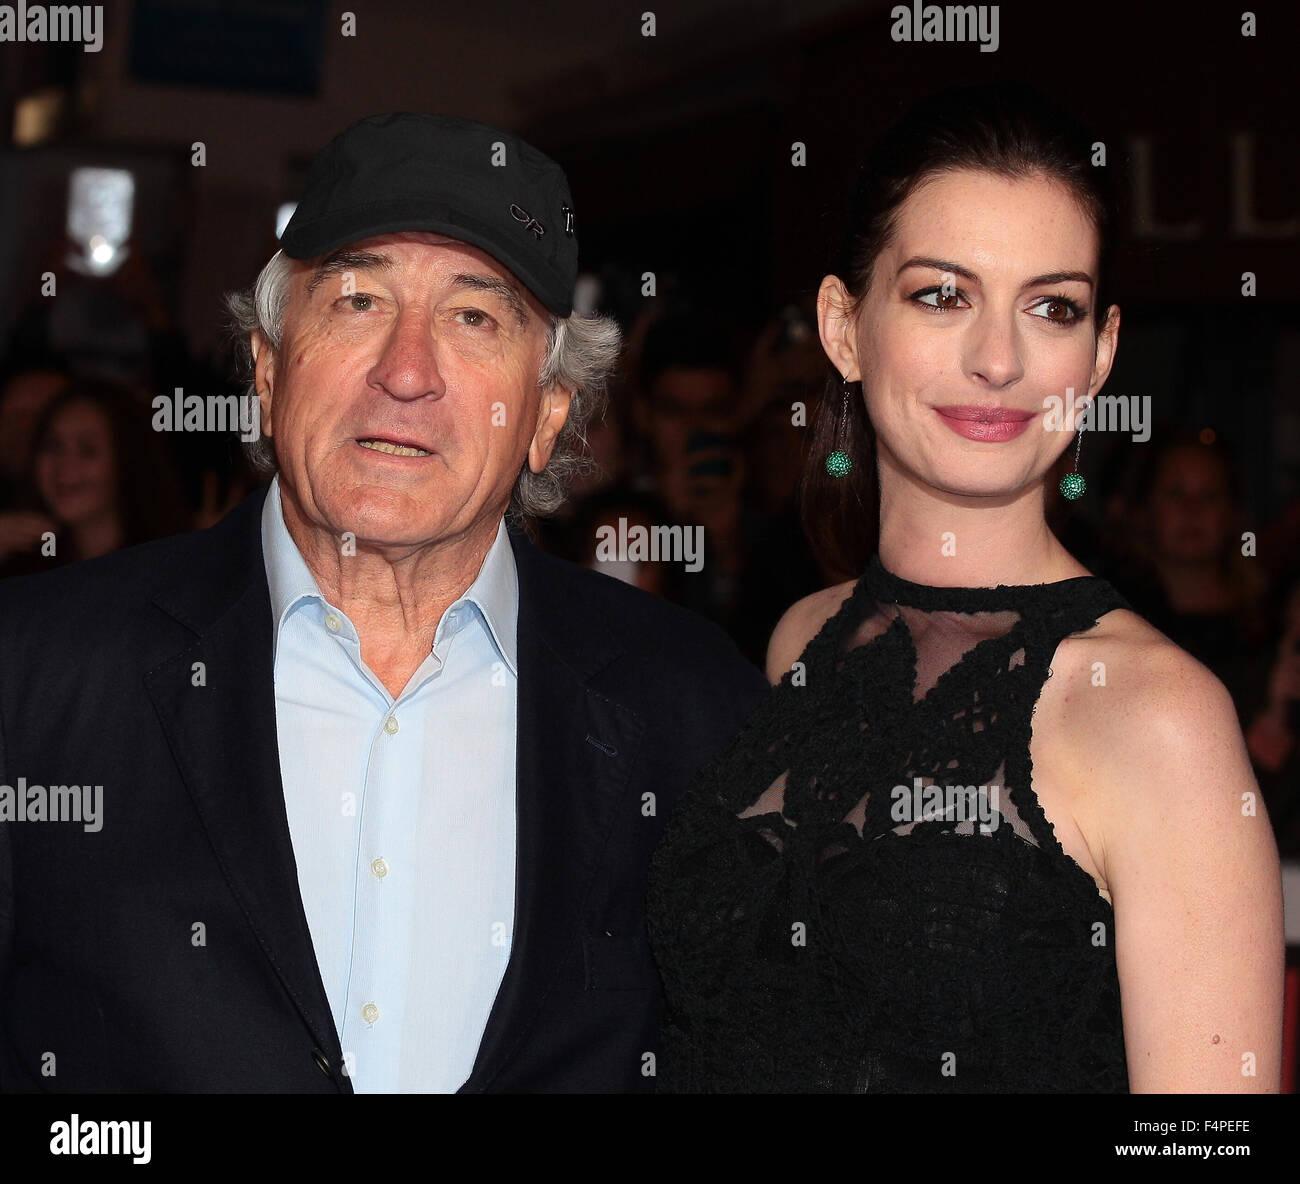 Anne Hathaway Robert De Niro Movie: Anne Hathaway 2015 Stock Photos & Anne Hathaway 2015 Stock